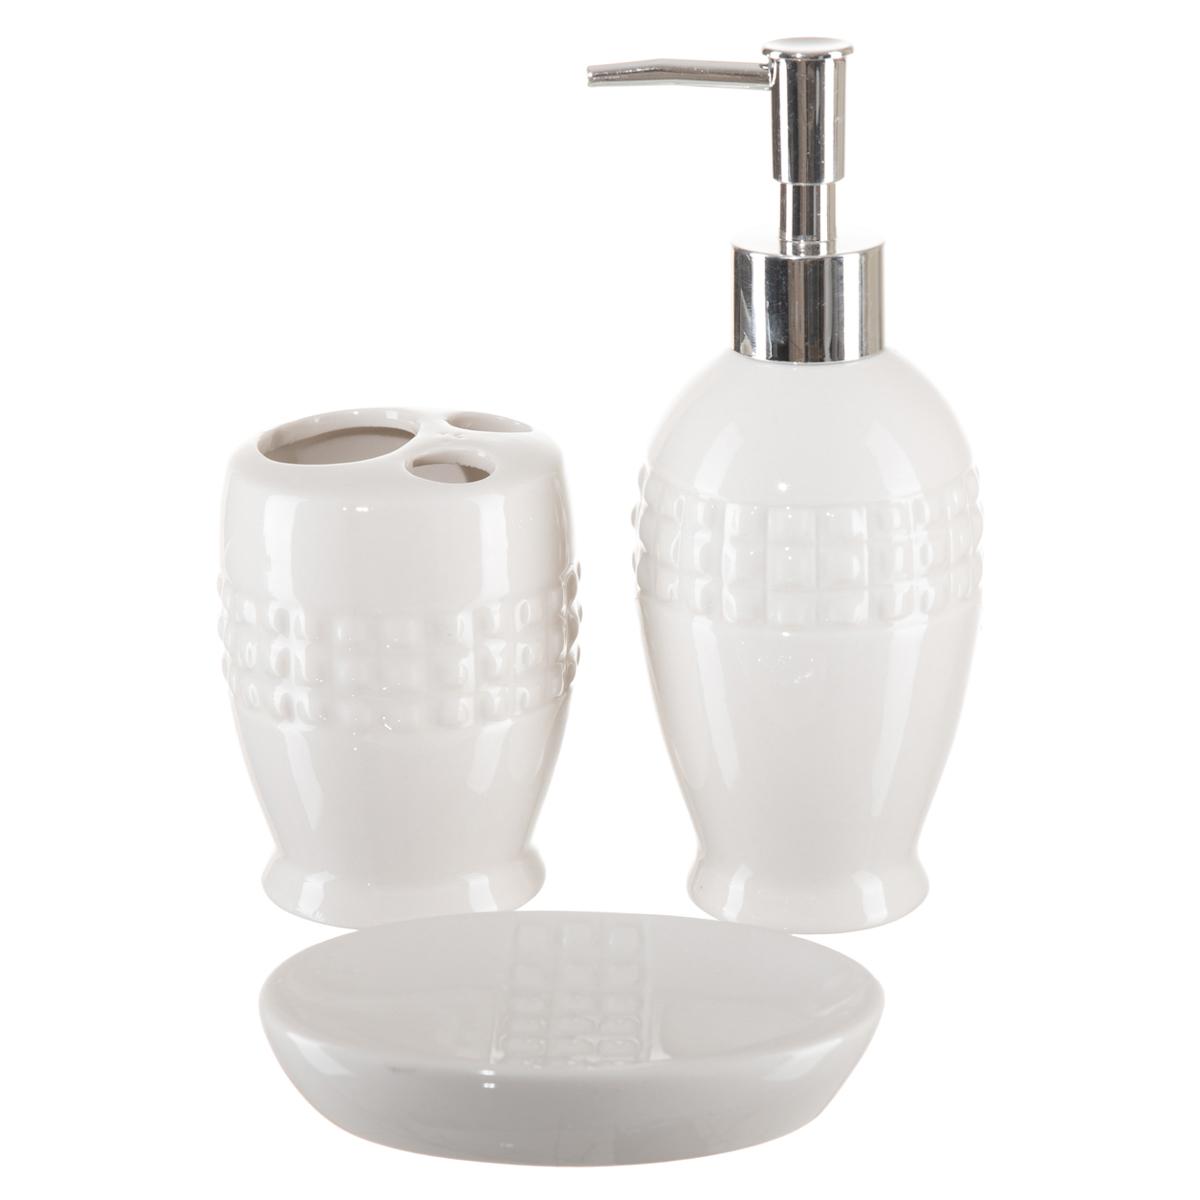 Kit Banheiro Lavabo Dispenser Sabonete Líquido 3 Peças / 054